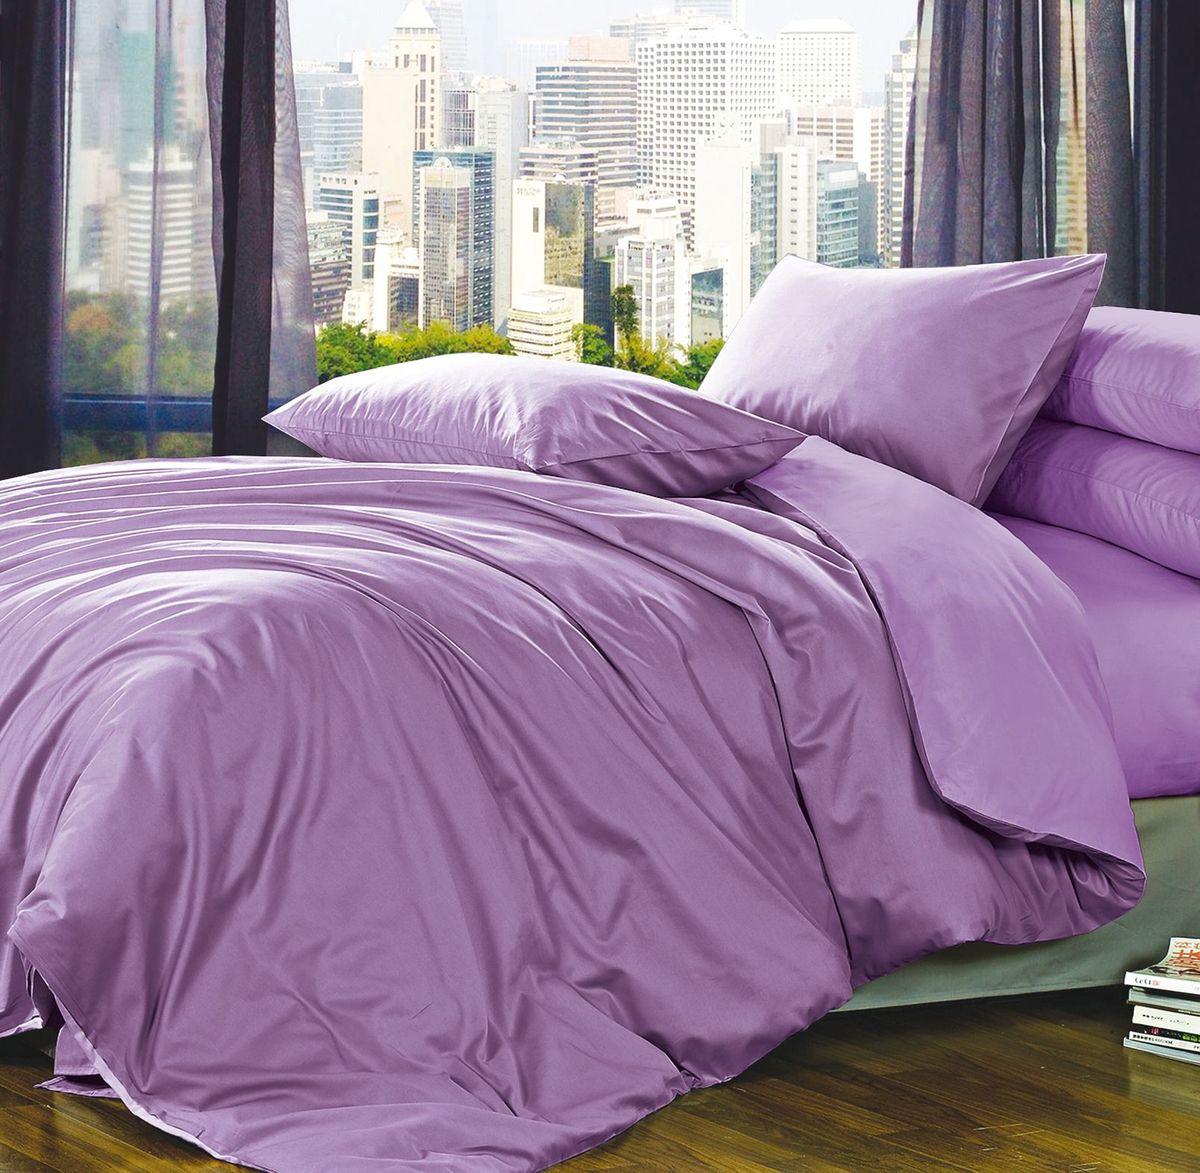 Комплект белья Коллекция Фиолетовый, 2-спальный, наволочки 50x70. ПС2/50/ОЗ/фПС2/50/ОЗ/ф